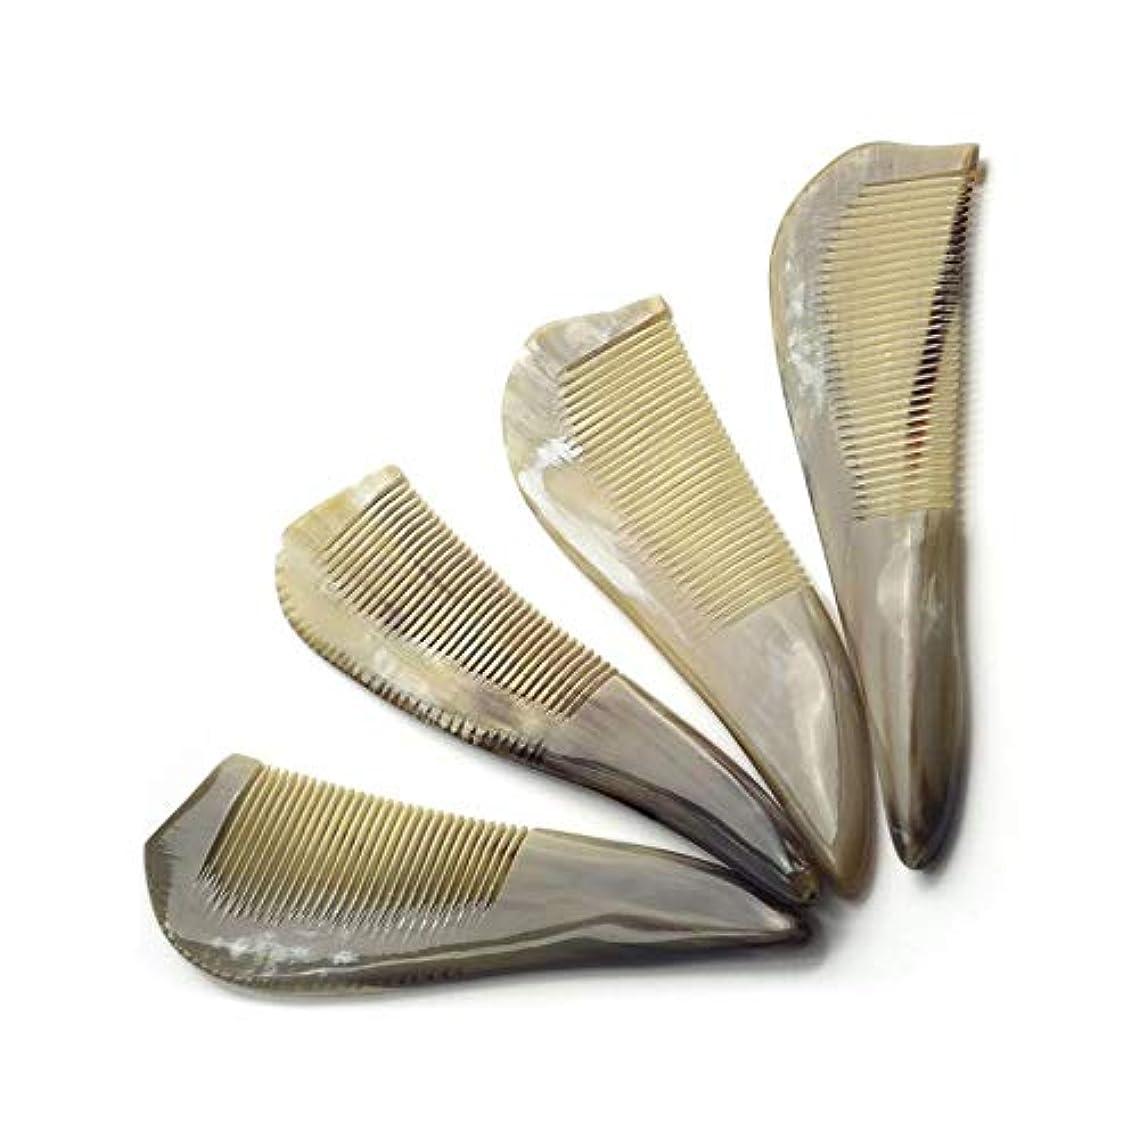 悪名高い規制五Fashianホーン櫛静電気防止木製Haircomb、頭皮マッサージコームを刺激するためのファイン歯 ヘアケア